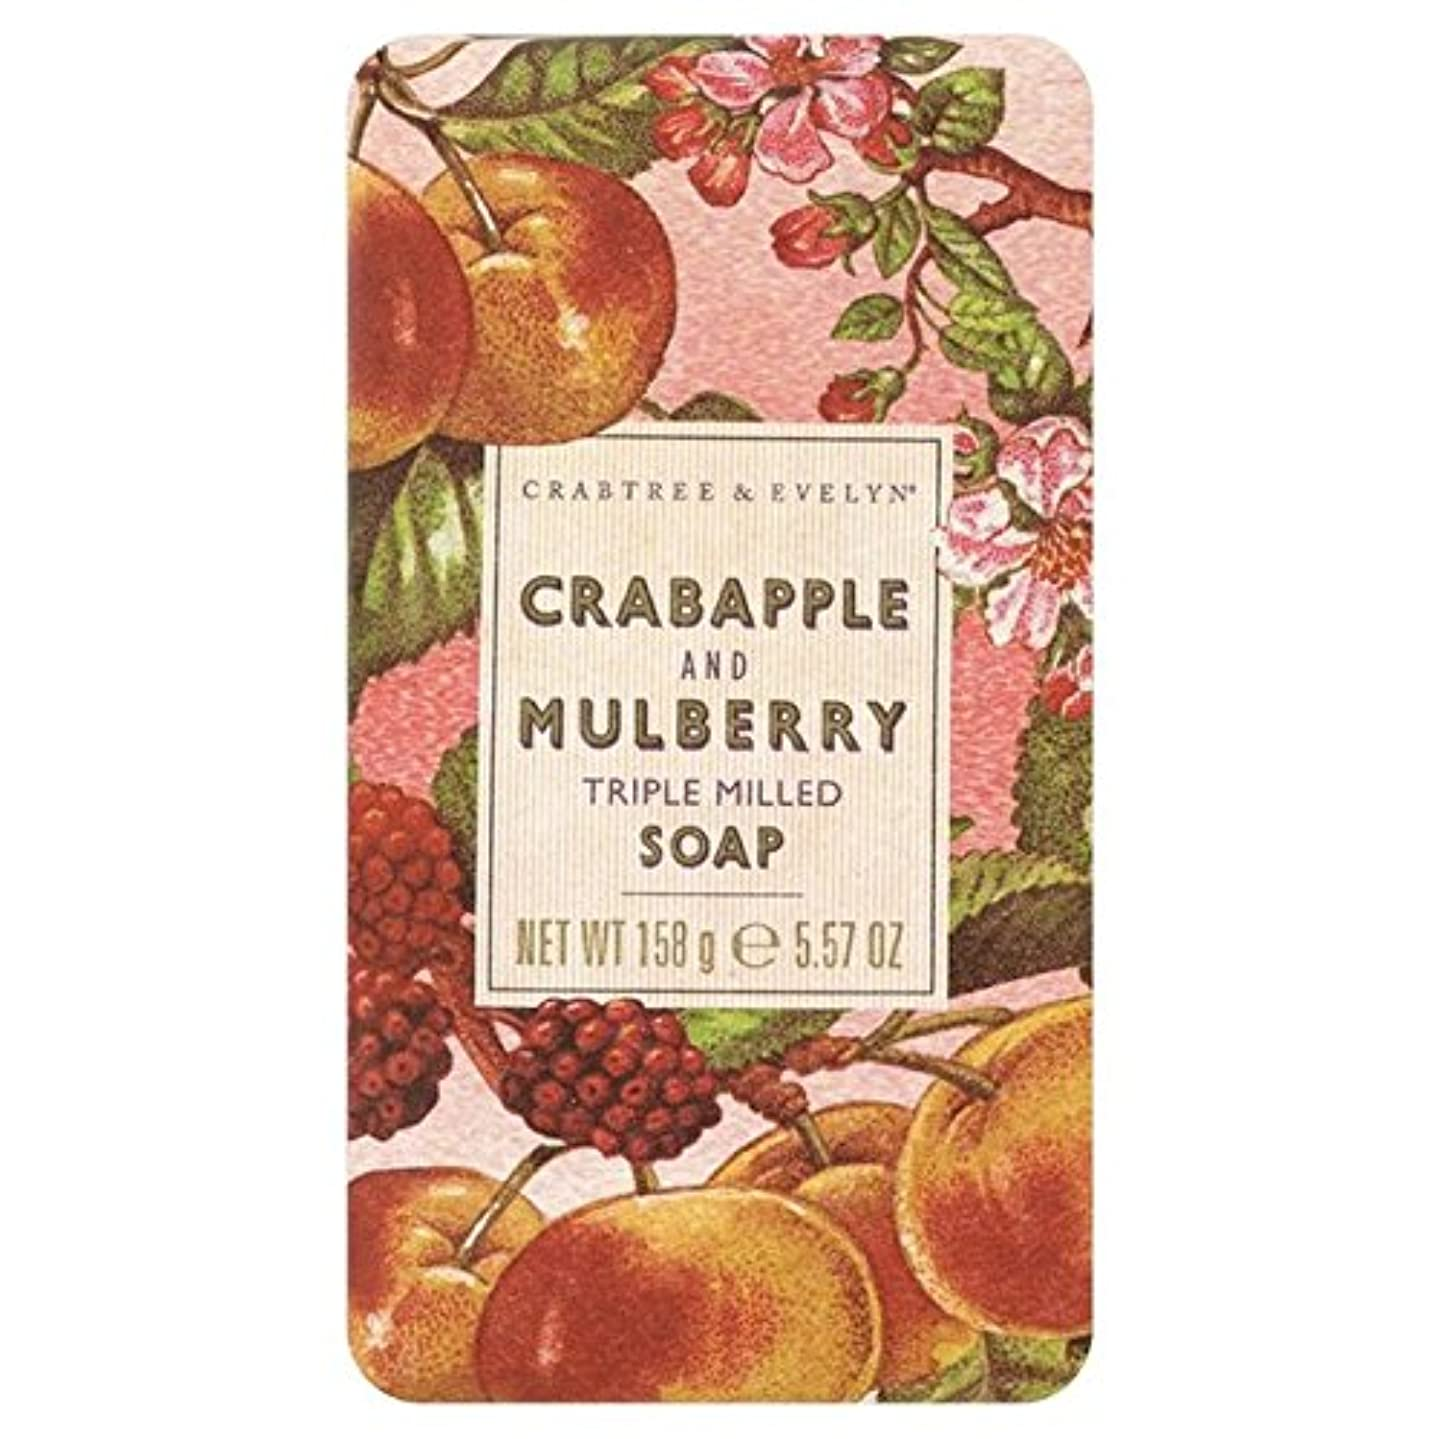 不誠実レール花に水をやるクラブツリー&イヴリンと桑遺産石鹸150グラム x2 - Crabtree & Evelyn Crabapple and Mulberry Heritage Soap 150g (Pack of 2) [並行輸入品]